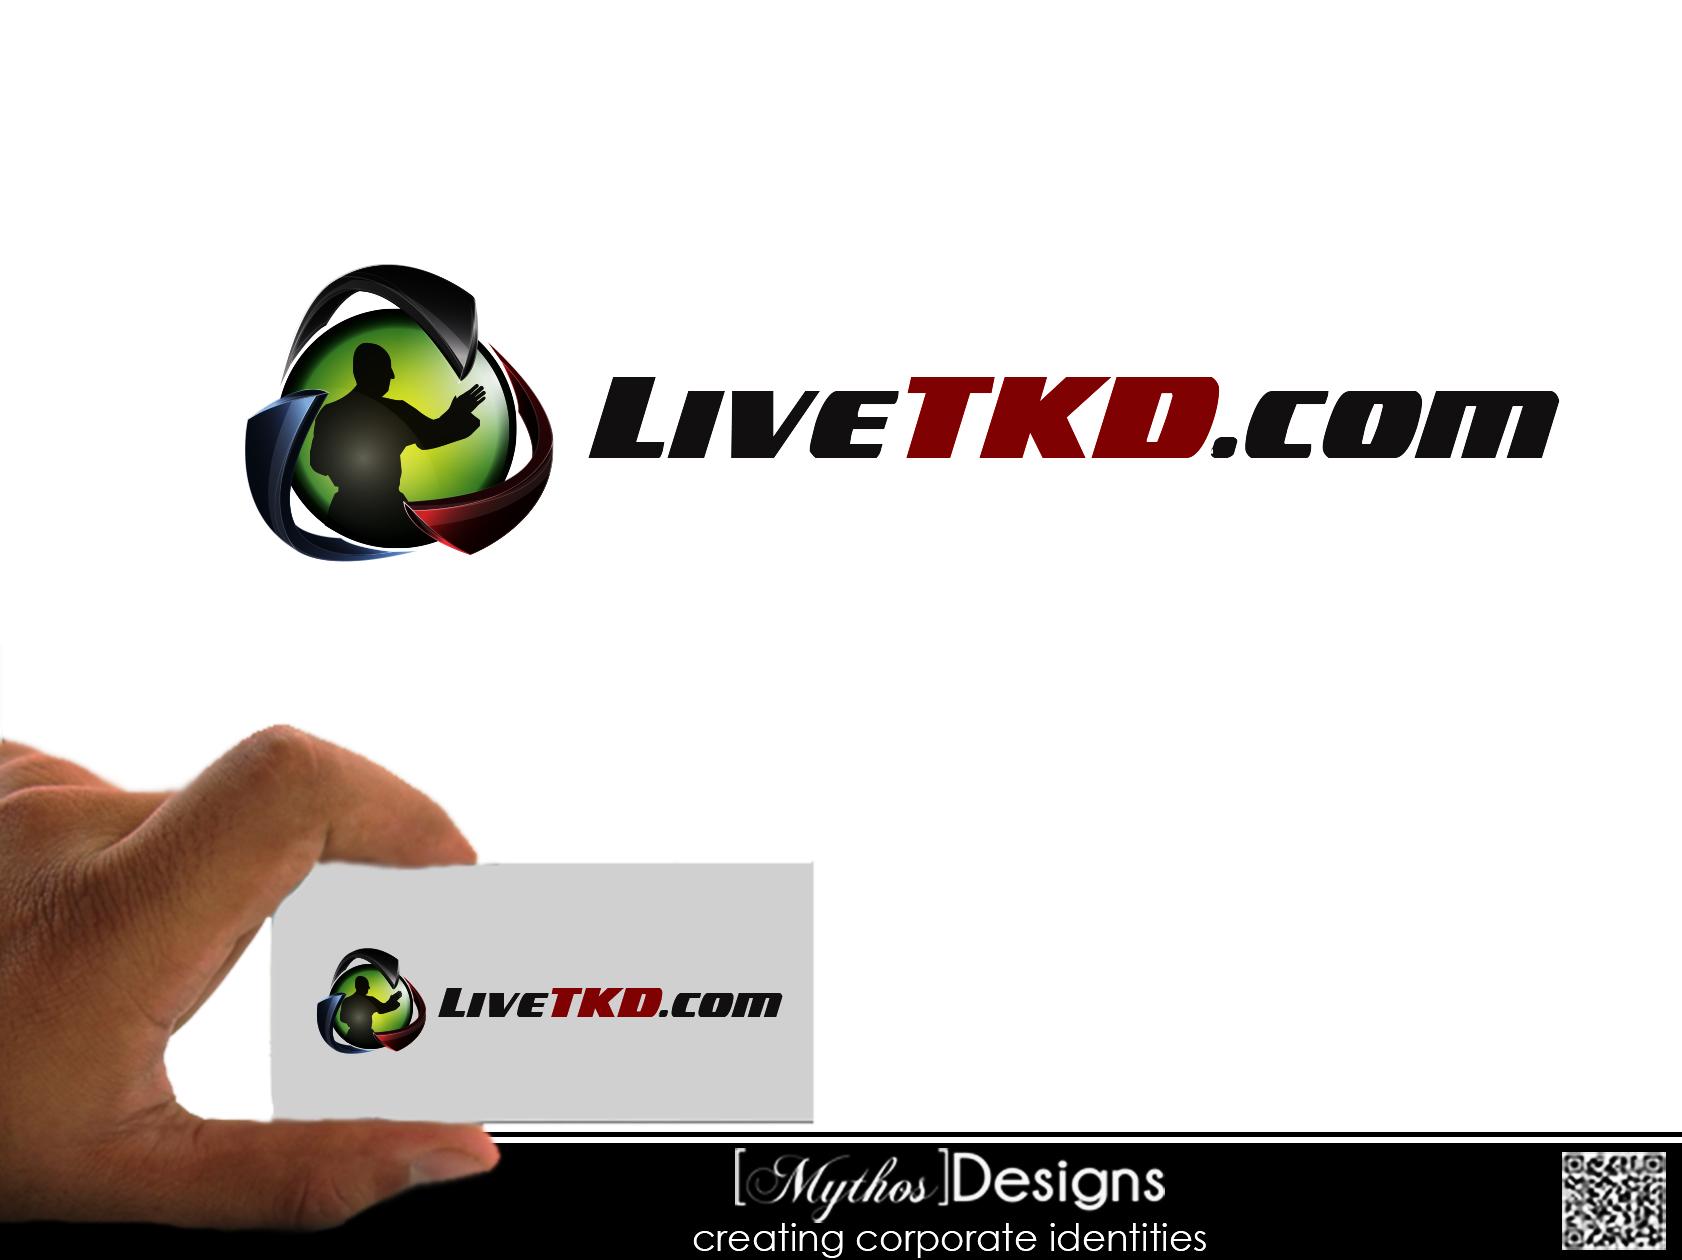 Logo Design by Mythos Designs - Entry No. 3 in the Logo Design Contest New Logo Design for LiveTKD.com.